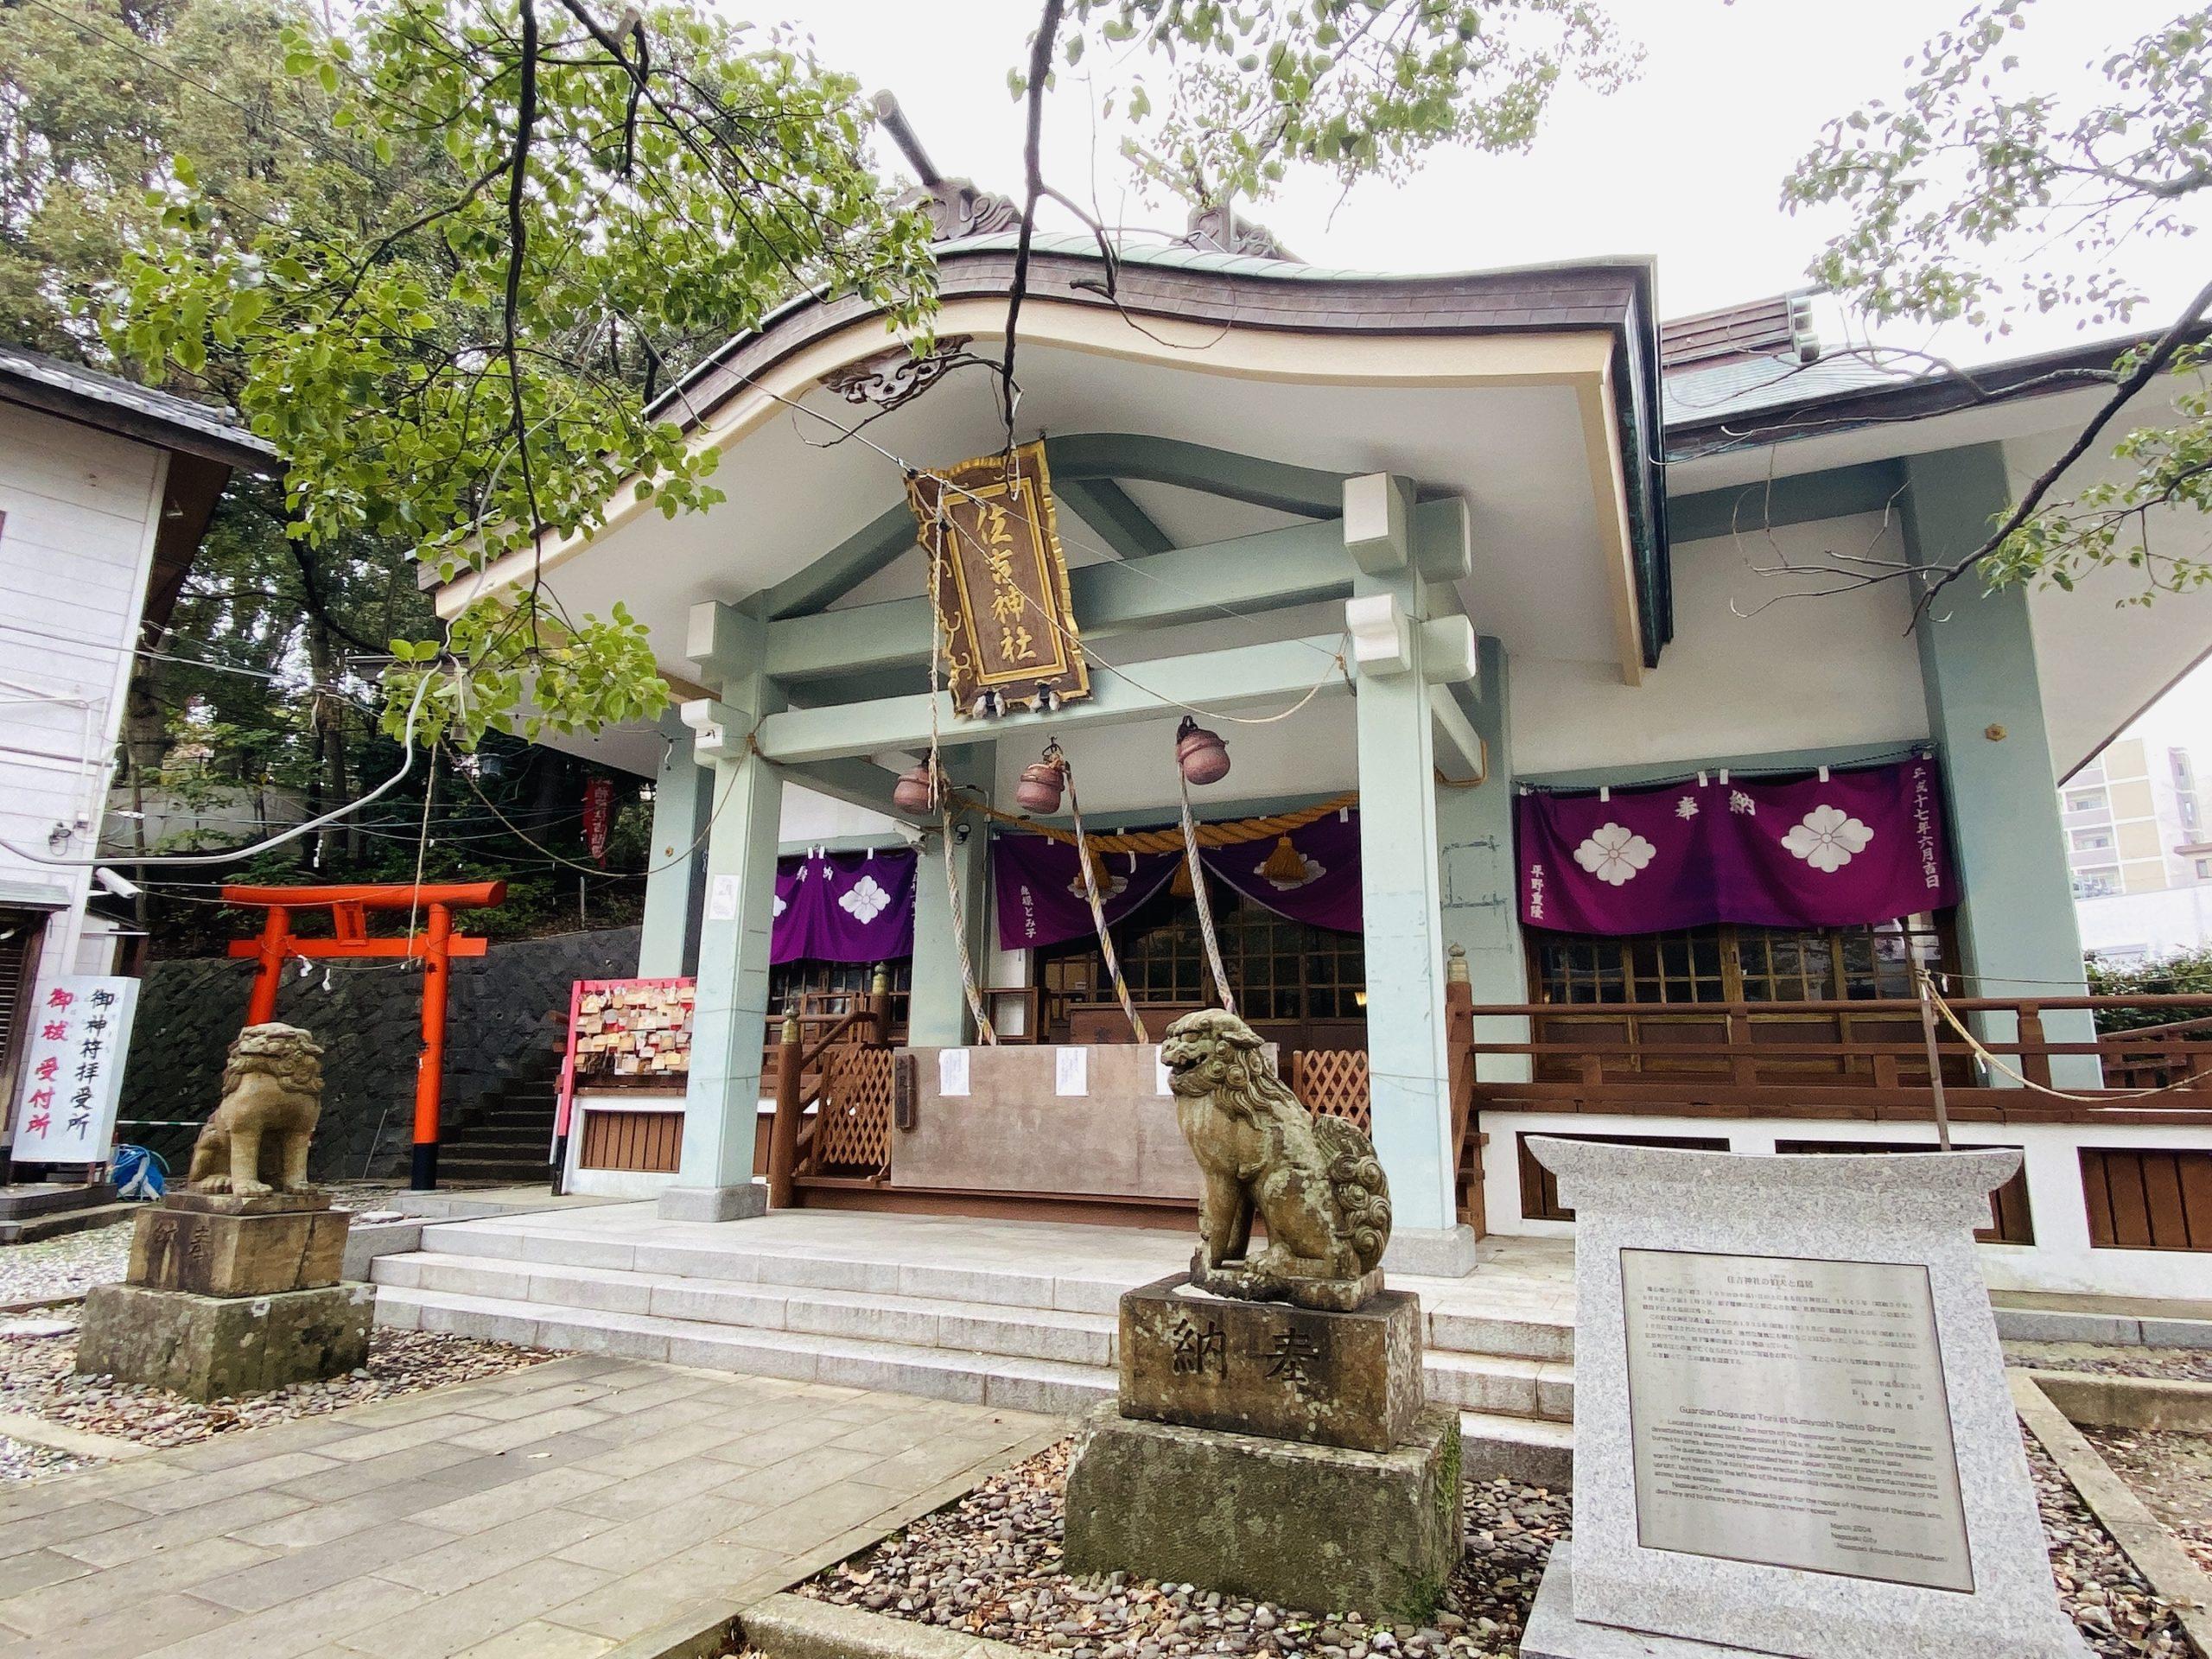 長崎市住吉神社のご由緒